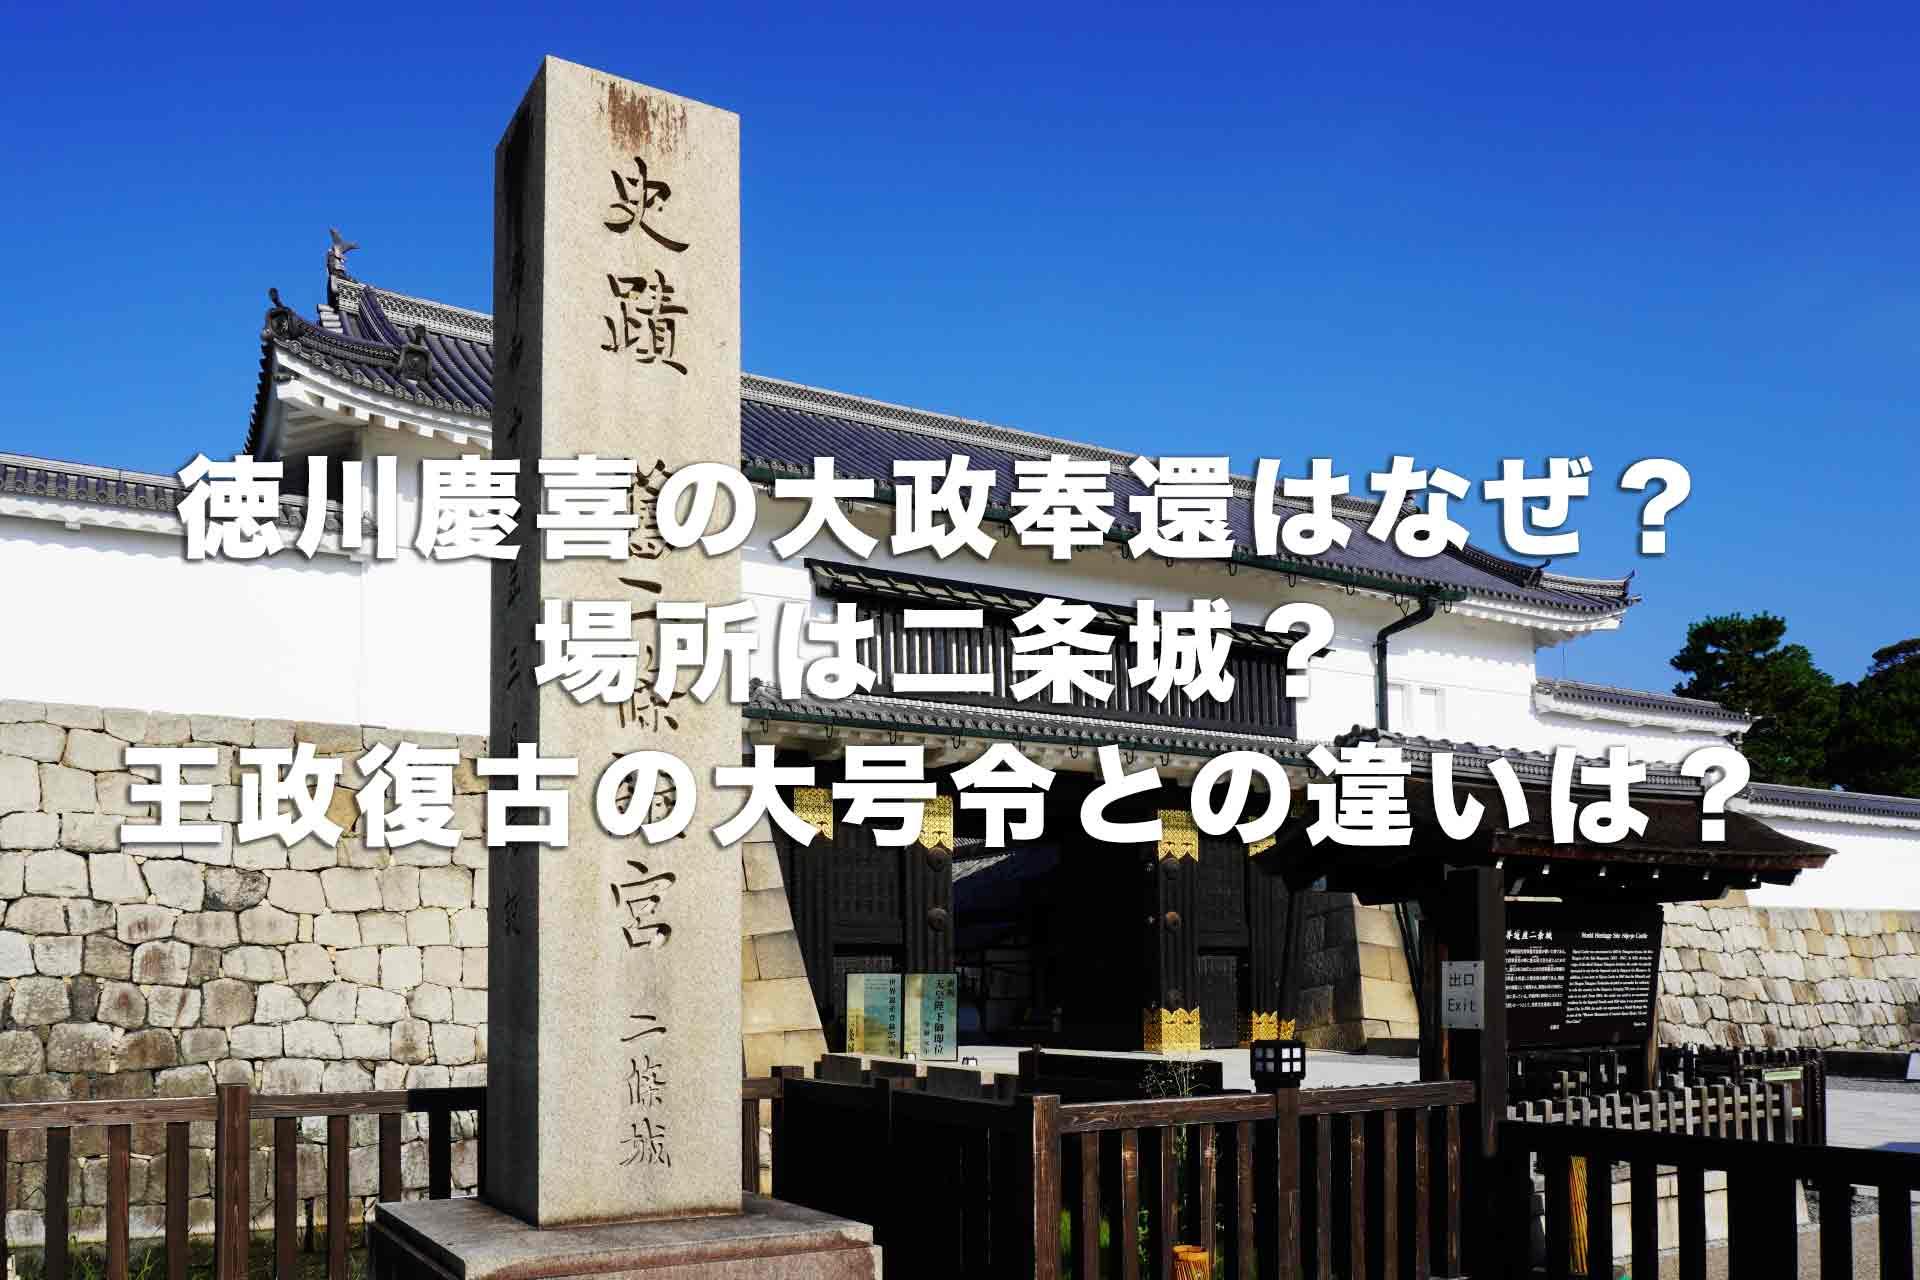 徳川慶喜の大政奉還はなぜ?場所は二条城?王政復古の大号令との違いは?